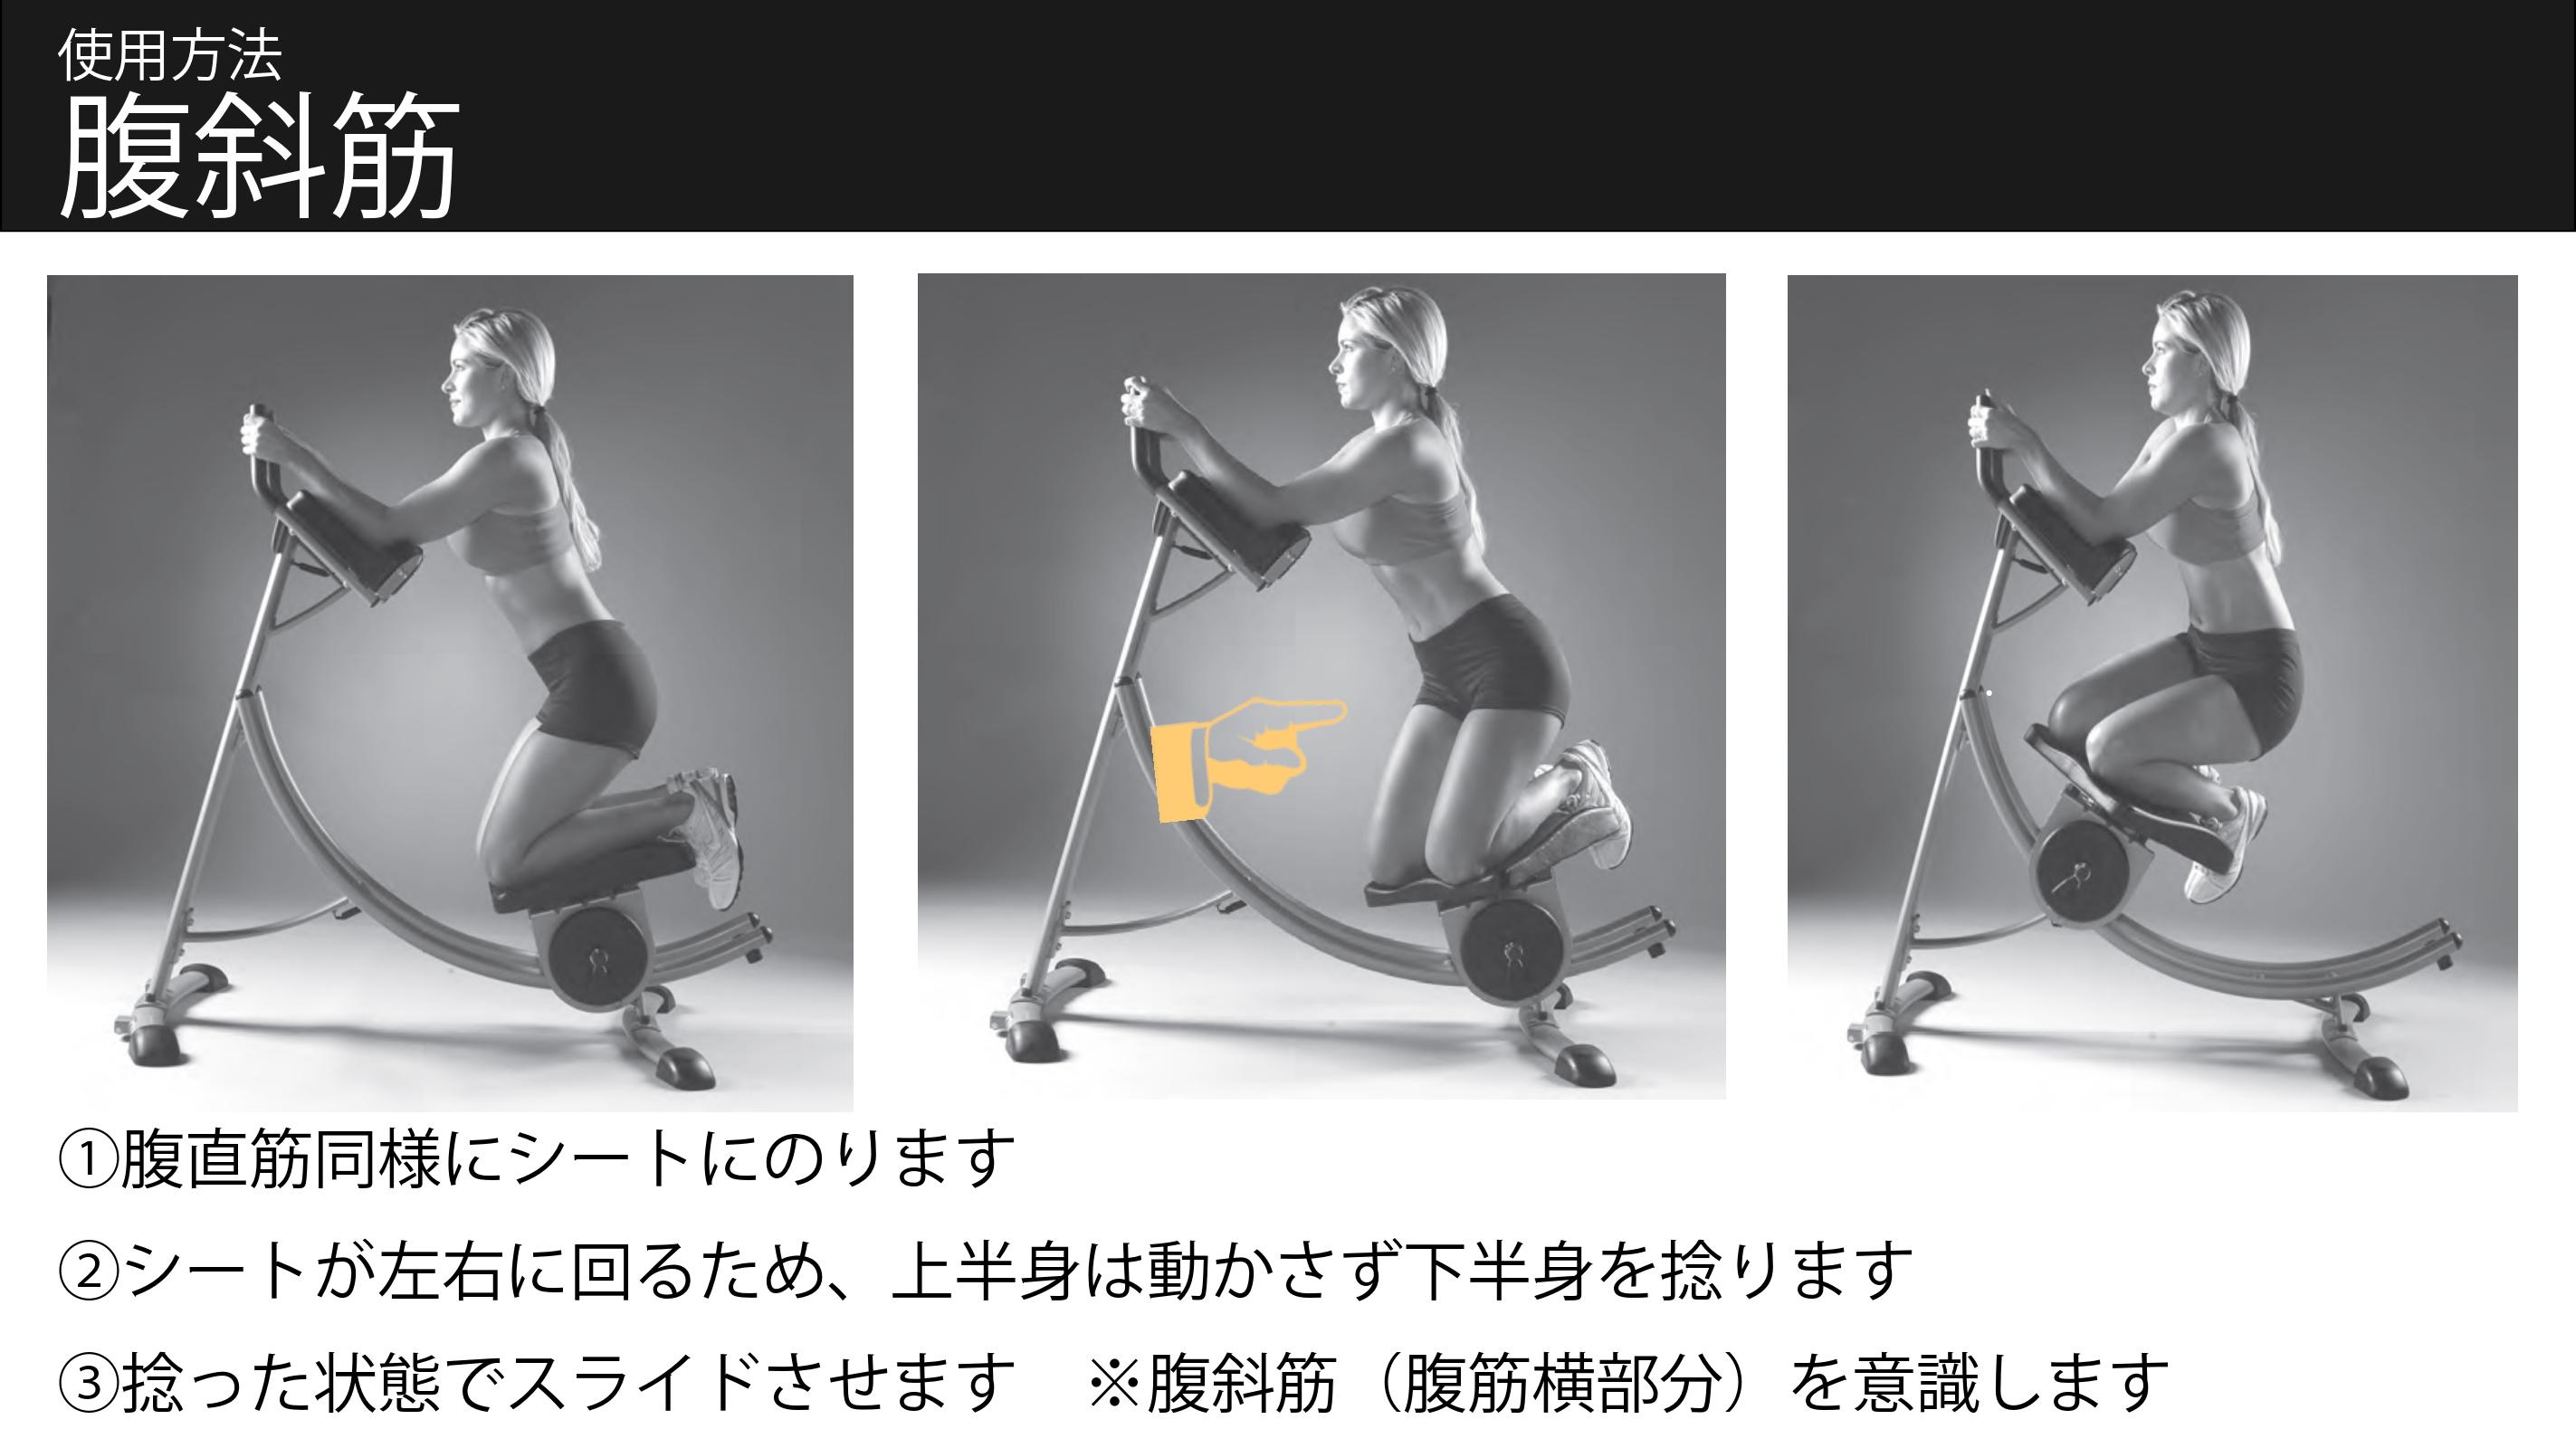 腹筋トレーニングマシン アブコースター 使用方法 腹斜筋(abcoaster)